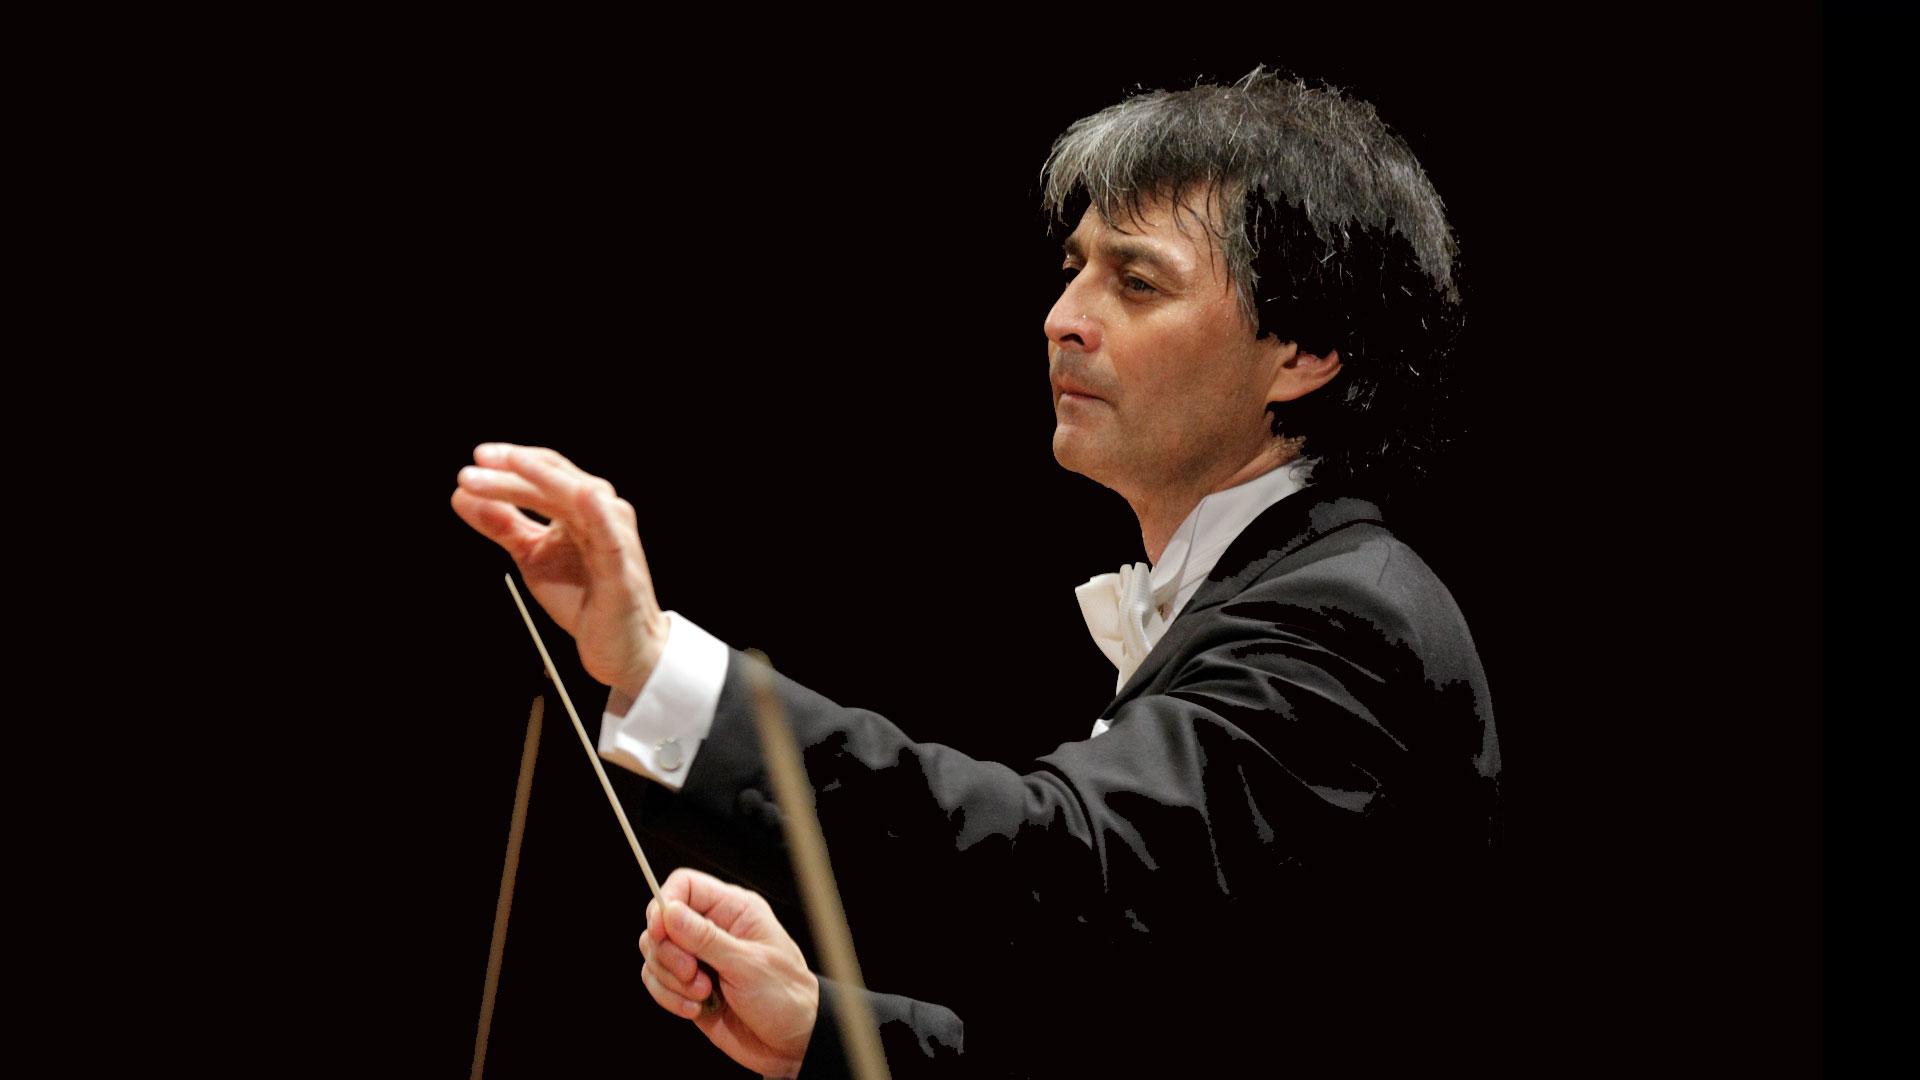 """Jun Märkl dirige obras de Dvorák y Strauss y acompaña al gallego David Fernández en el """"Concierto para trompa nº 1″ de Richard Strauss"""